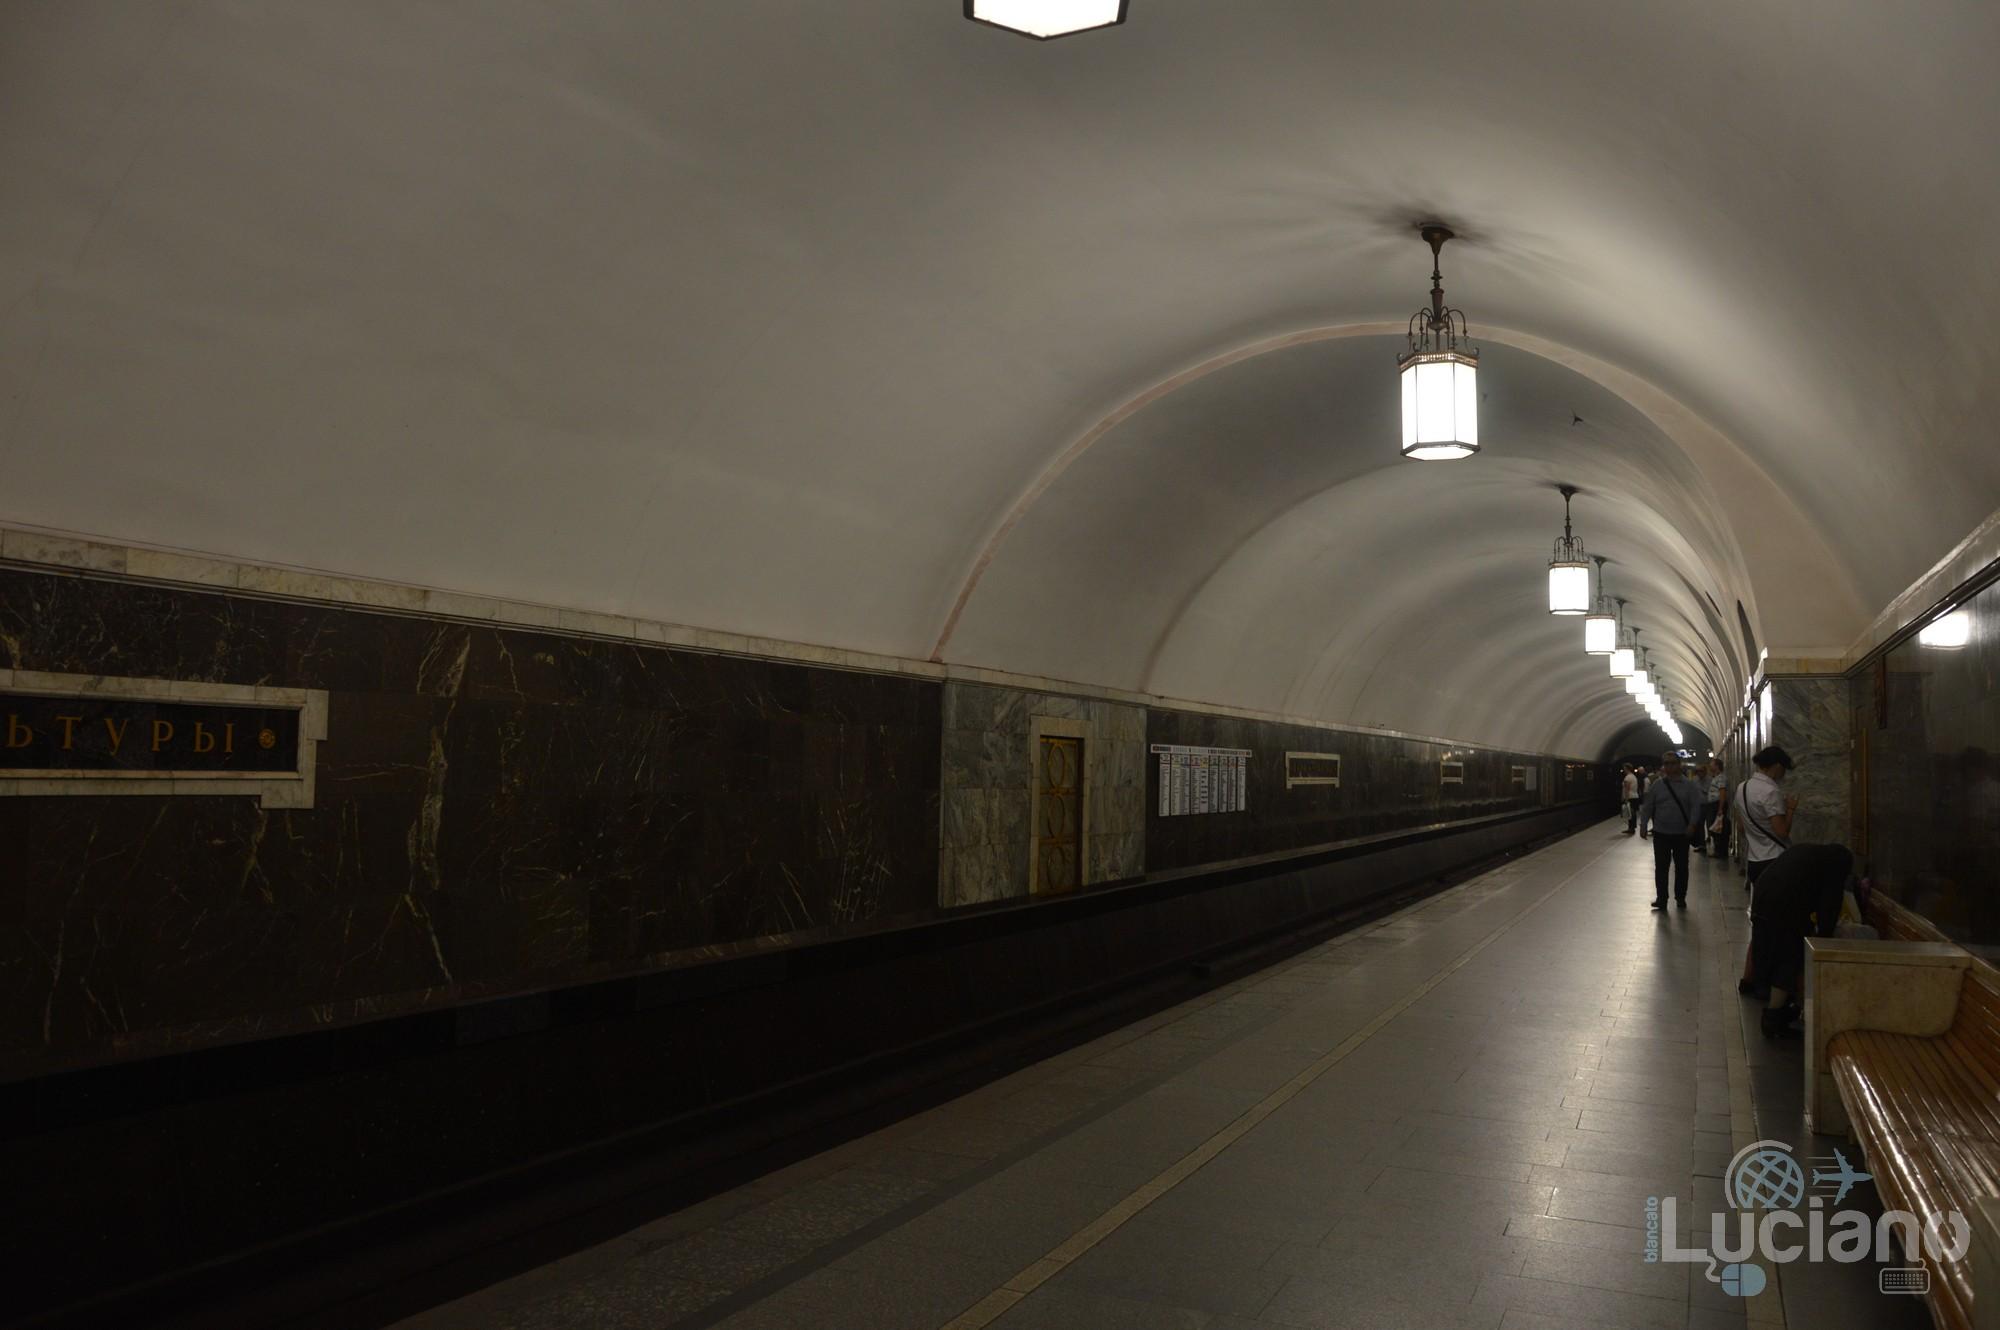 Park Kul'tury (in russo: Парк культу́ры) è una stazione della Linea Kol'cevaja, la linea circolare della Metropolitana di Mosca - ovvero la linea n 5 di colore marrone.